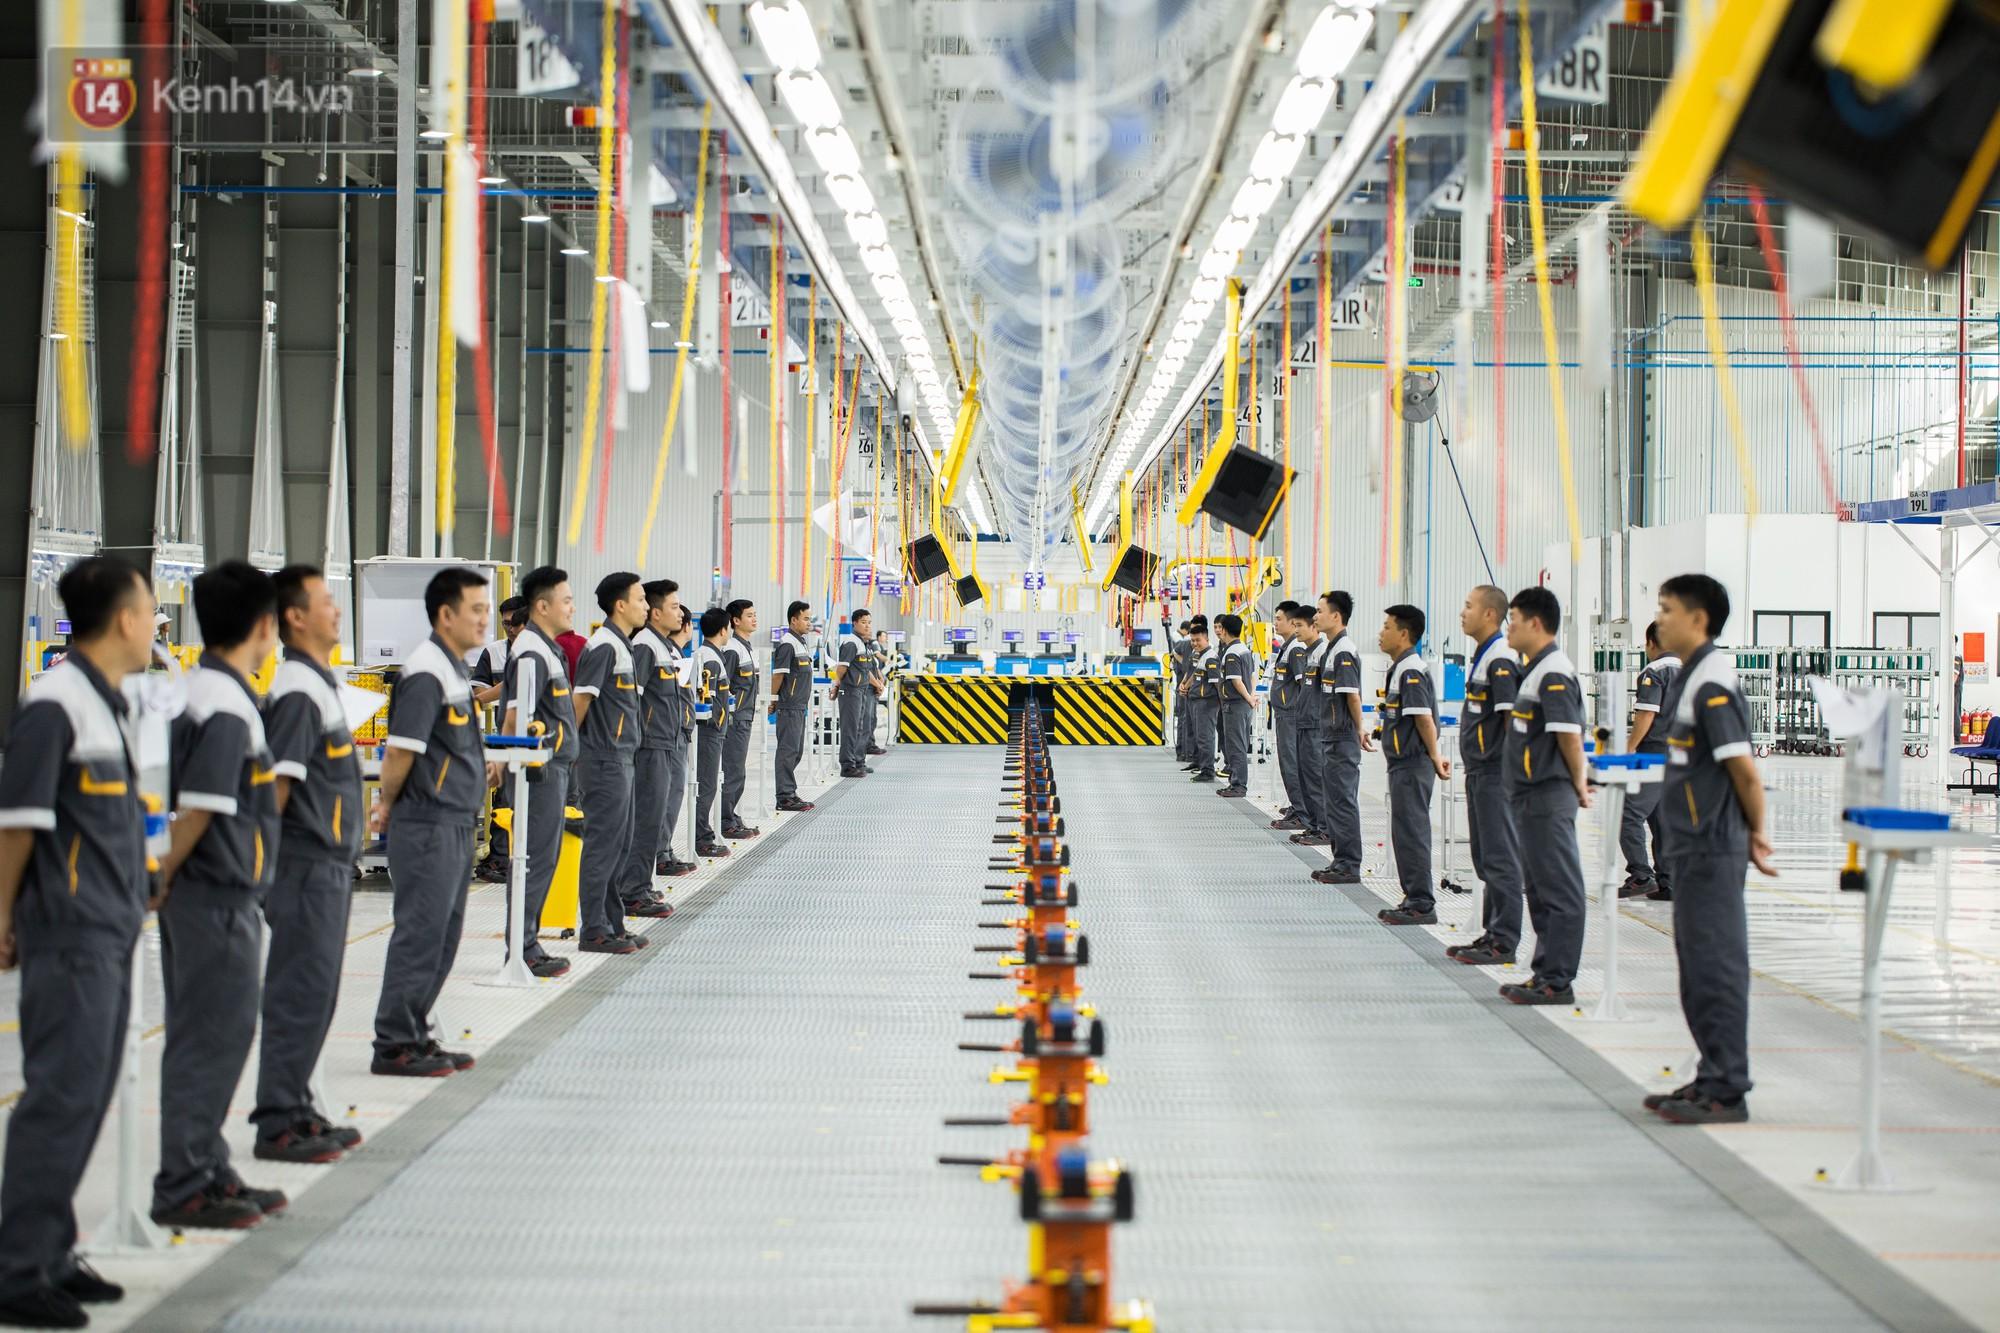 Nhà máy Vinfast tràn ngập công nhân mặc đồng phục bảo hộ lao động